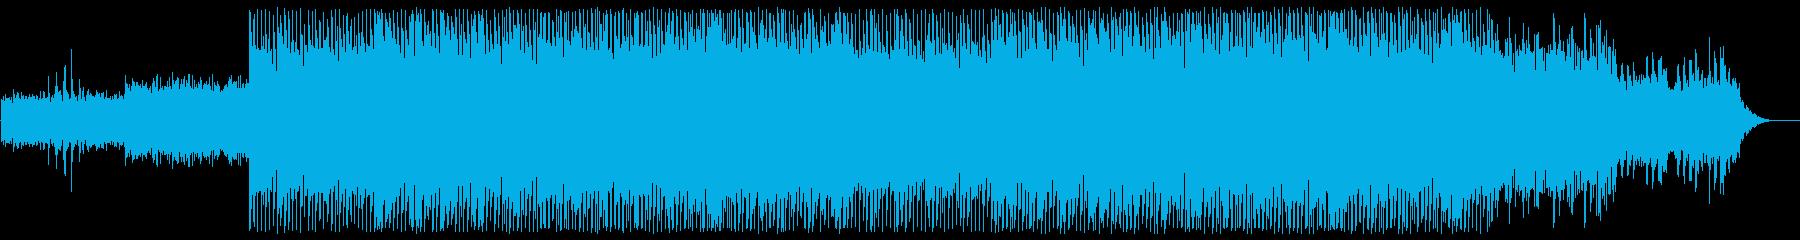 軽やかでリズミカルなシンセポップサウンドの再生済みの波形